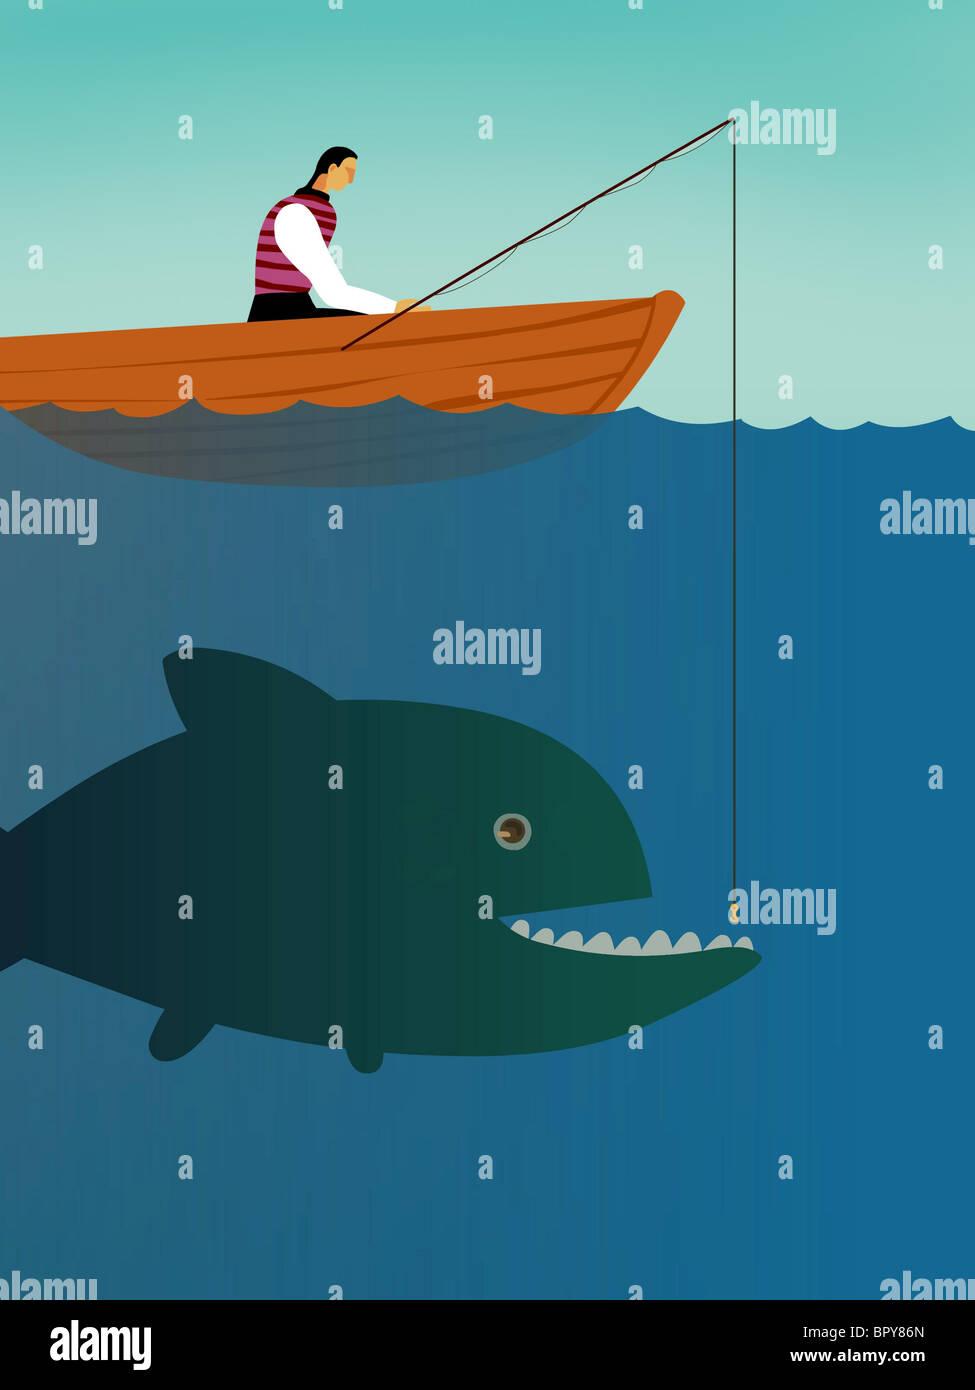 Un empresario en un barco intentando atrapar un pez gordo Imagen De Stock